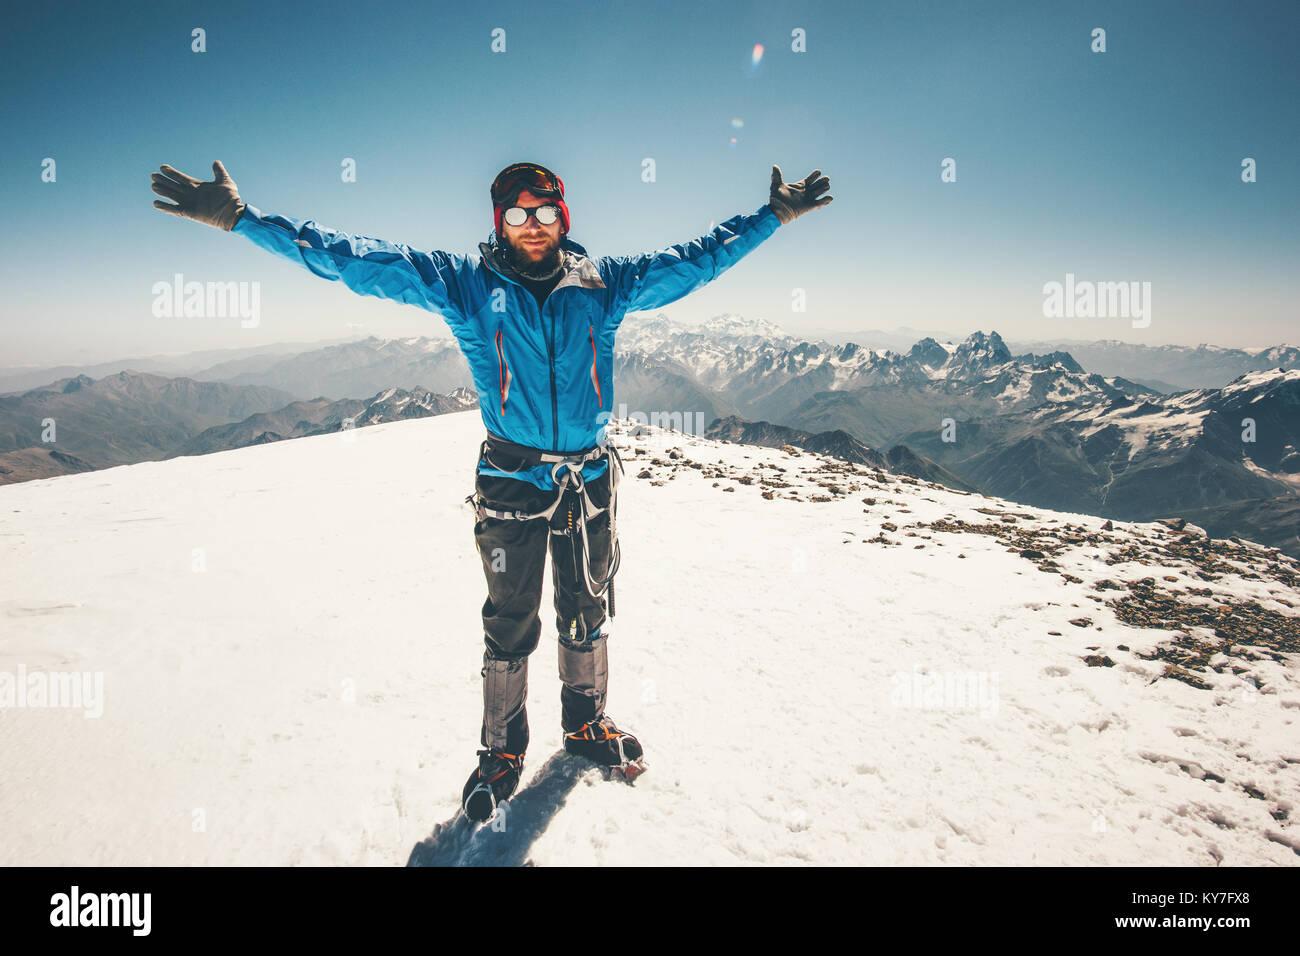 L'homme sur la montagne Elbrus grimpeur sommet de l'est Vie Voyage aventure concept réussite vacances Photo Stock